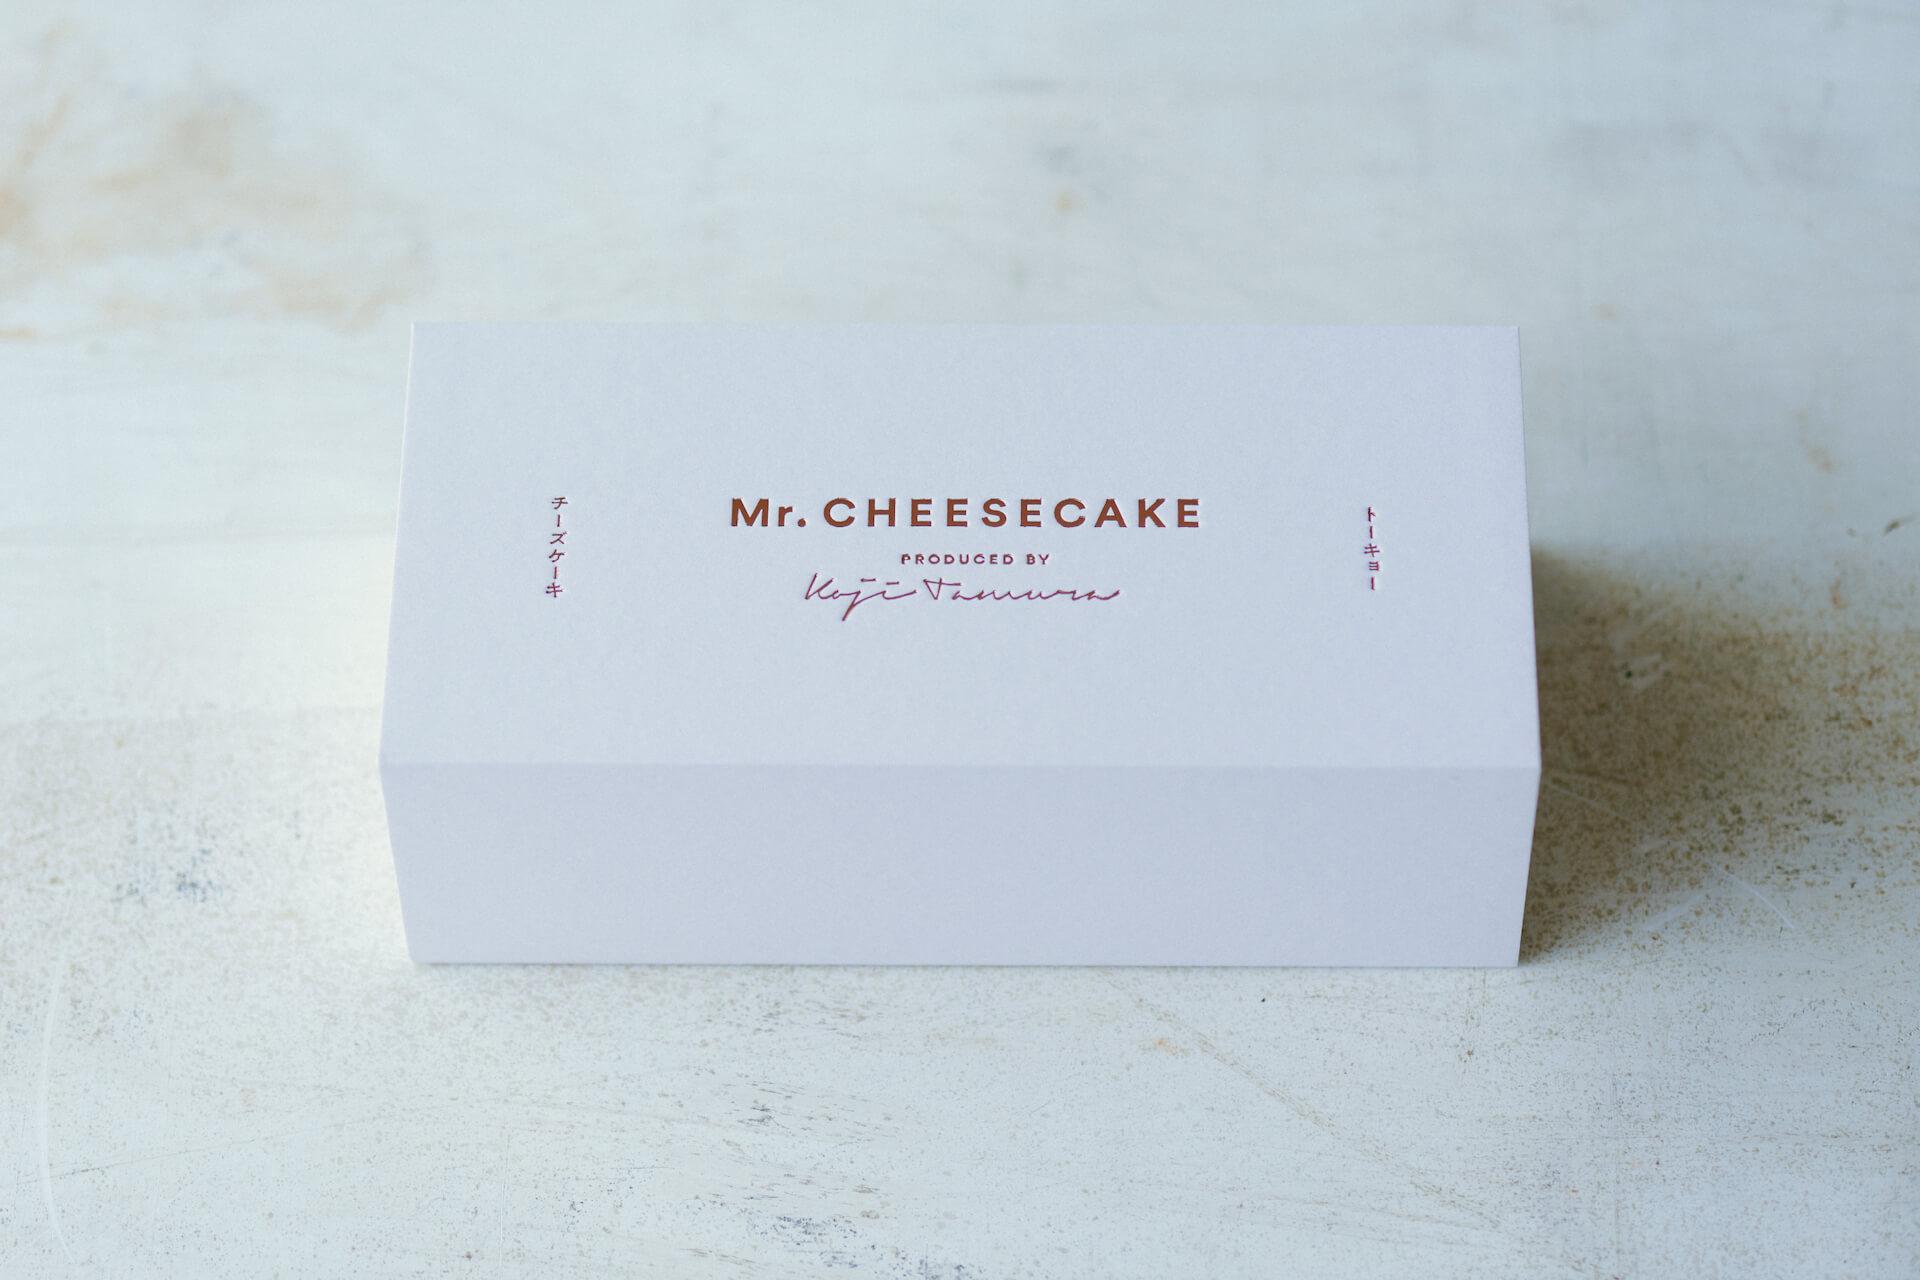 Mr. CHEESECAKEの初夏限定フレーバー「Mr. CHEESECAKE Royal Jasmine」が2日間限定で発売決定! gourmet210609_mrcheesecake_5